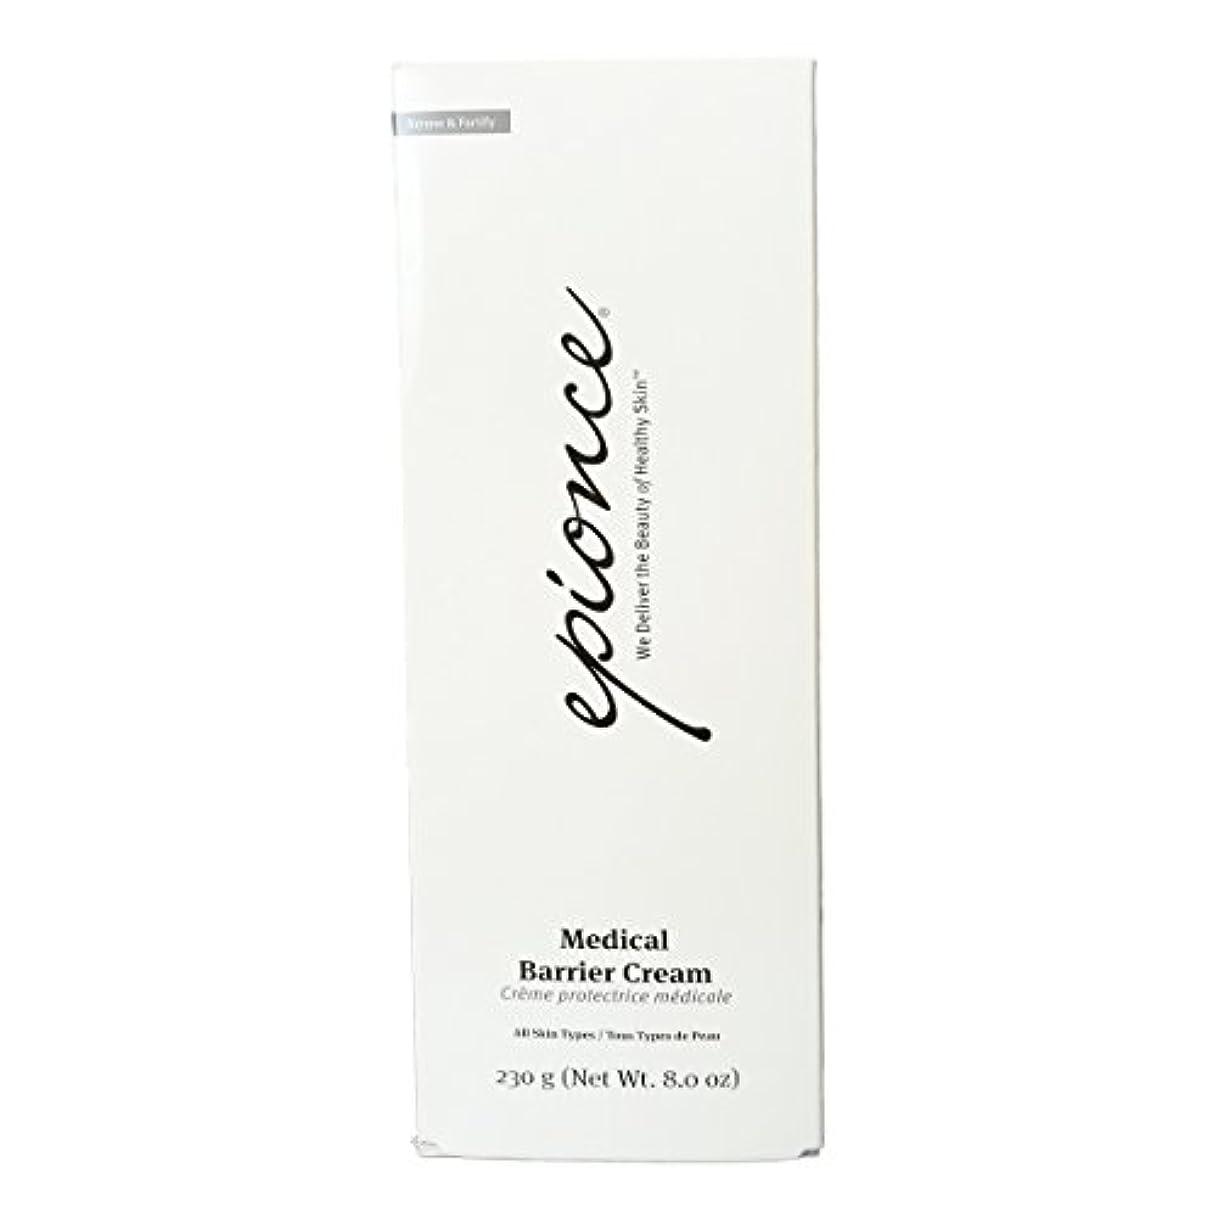 化学タクト趣味Epionce Medical Barrier Cream - For All Skin Types 230g/8oz並行輸入品